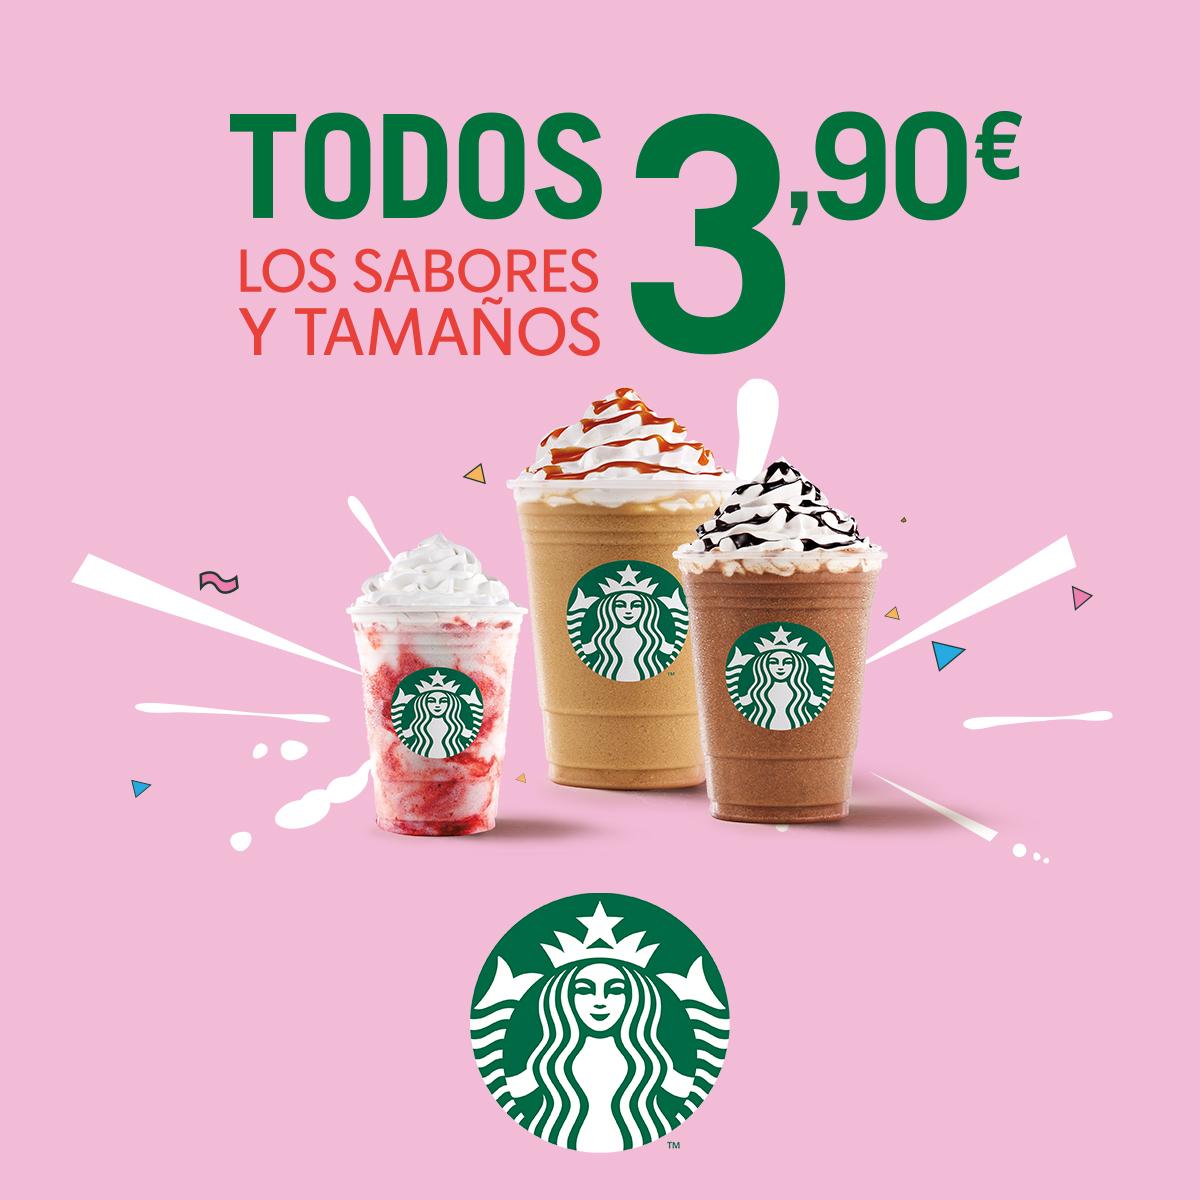 Todos los Frappuccino a 3.90€ en Starbucks